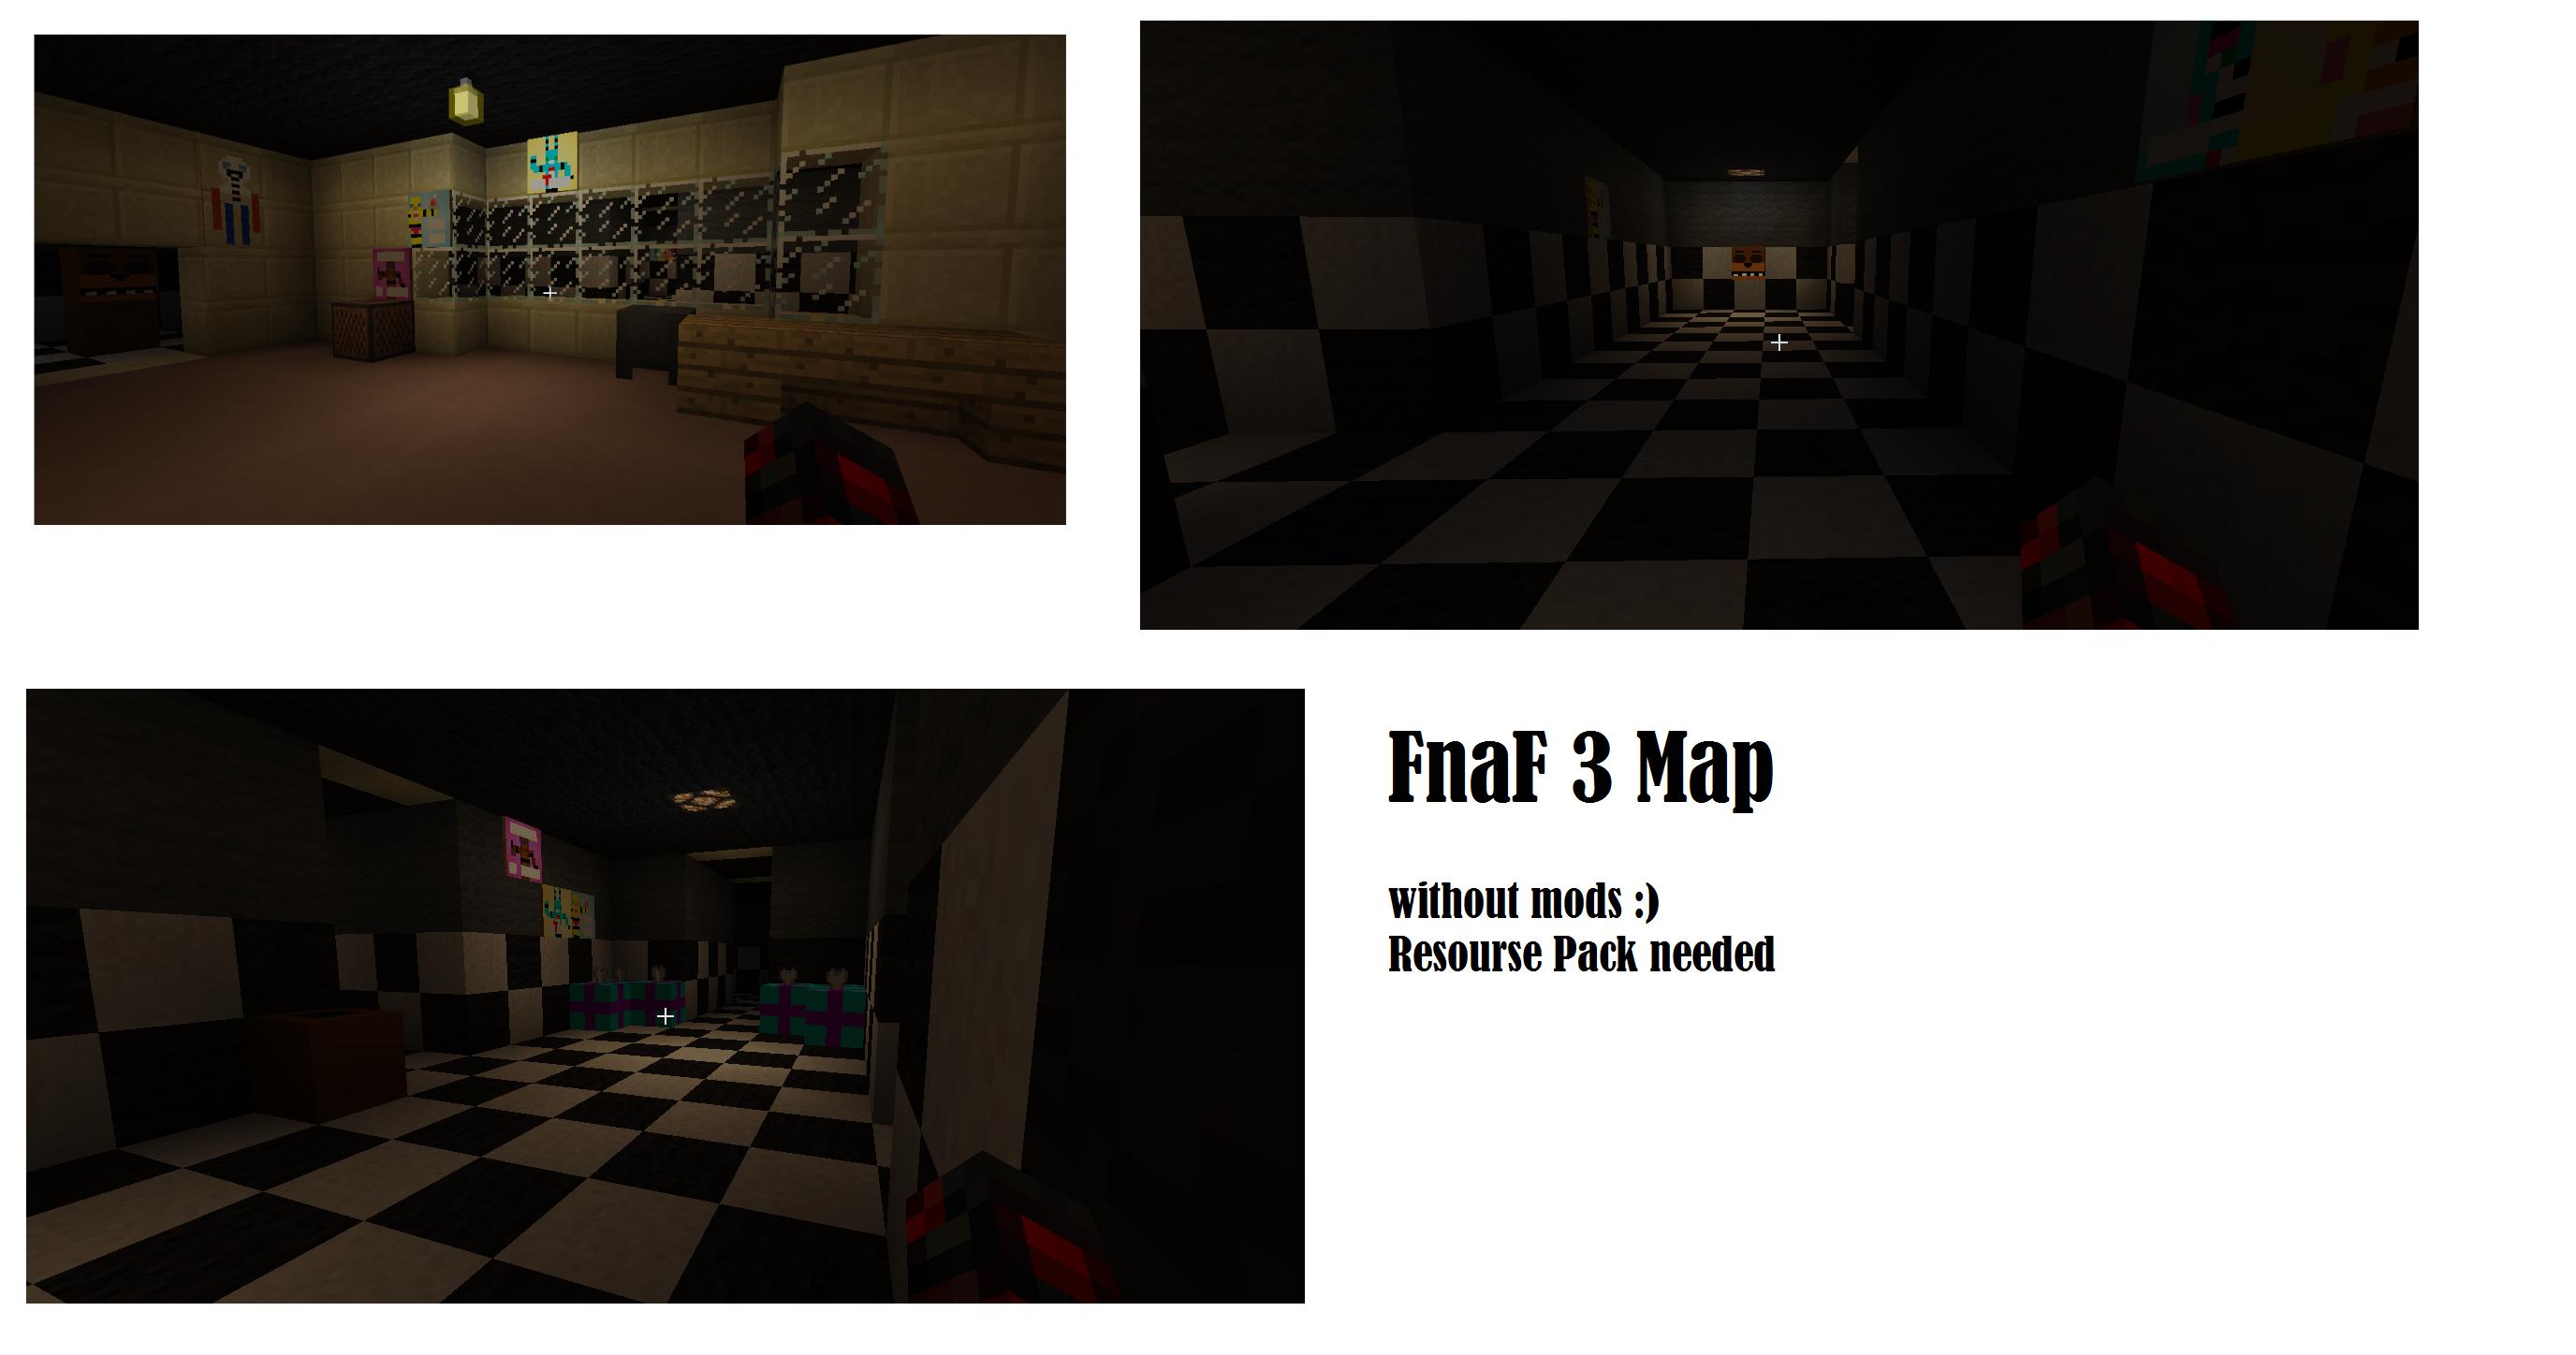 Скачать minecraft хоррор карта fnaf 2